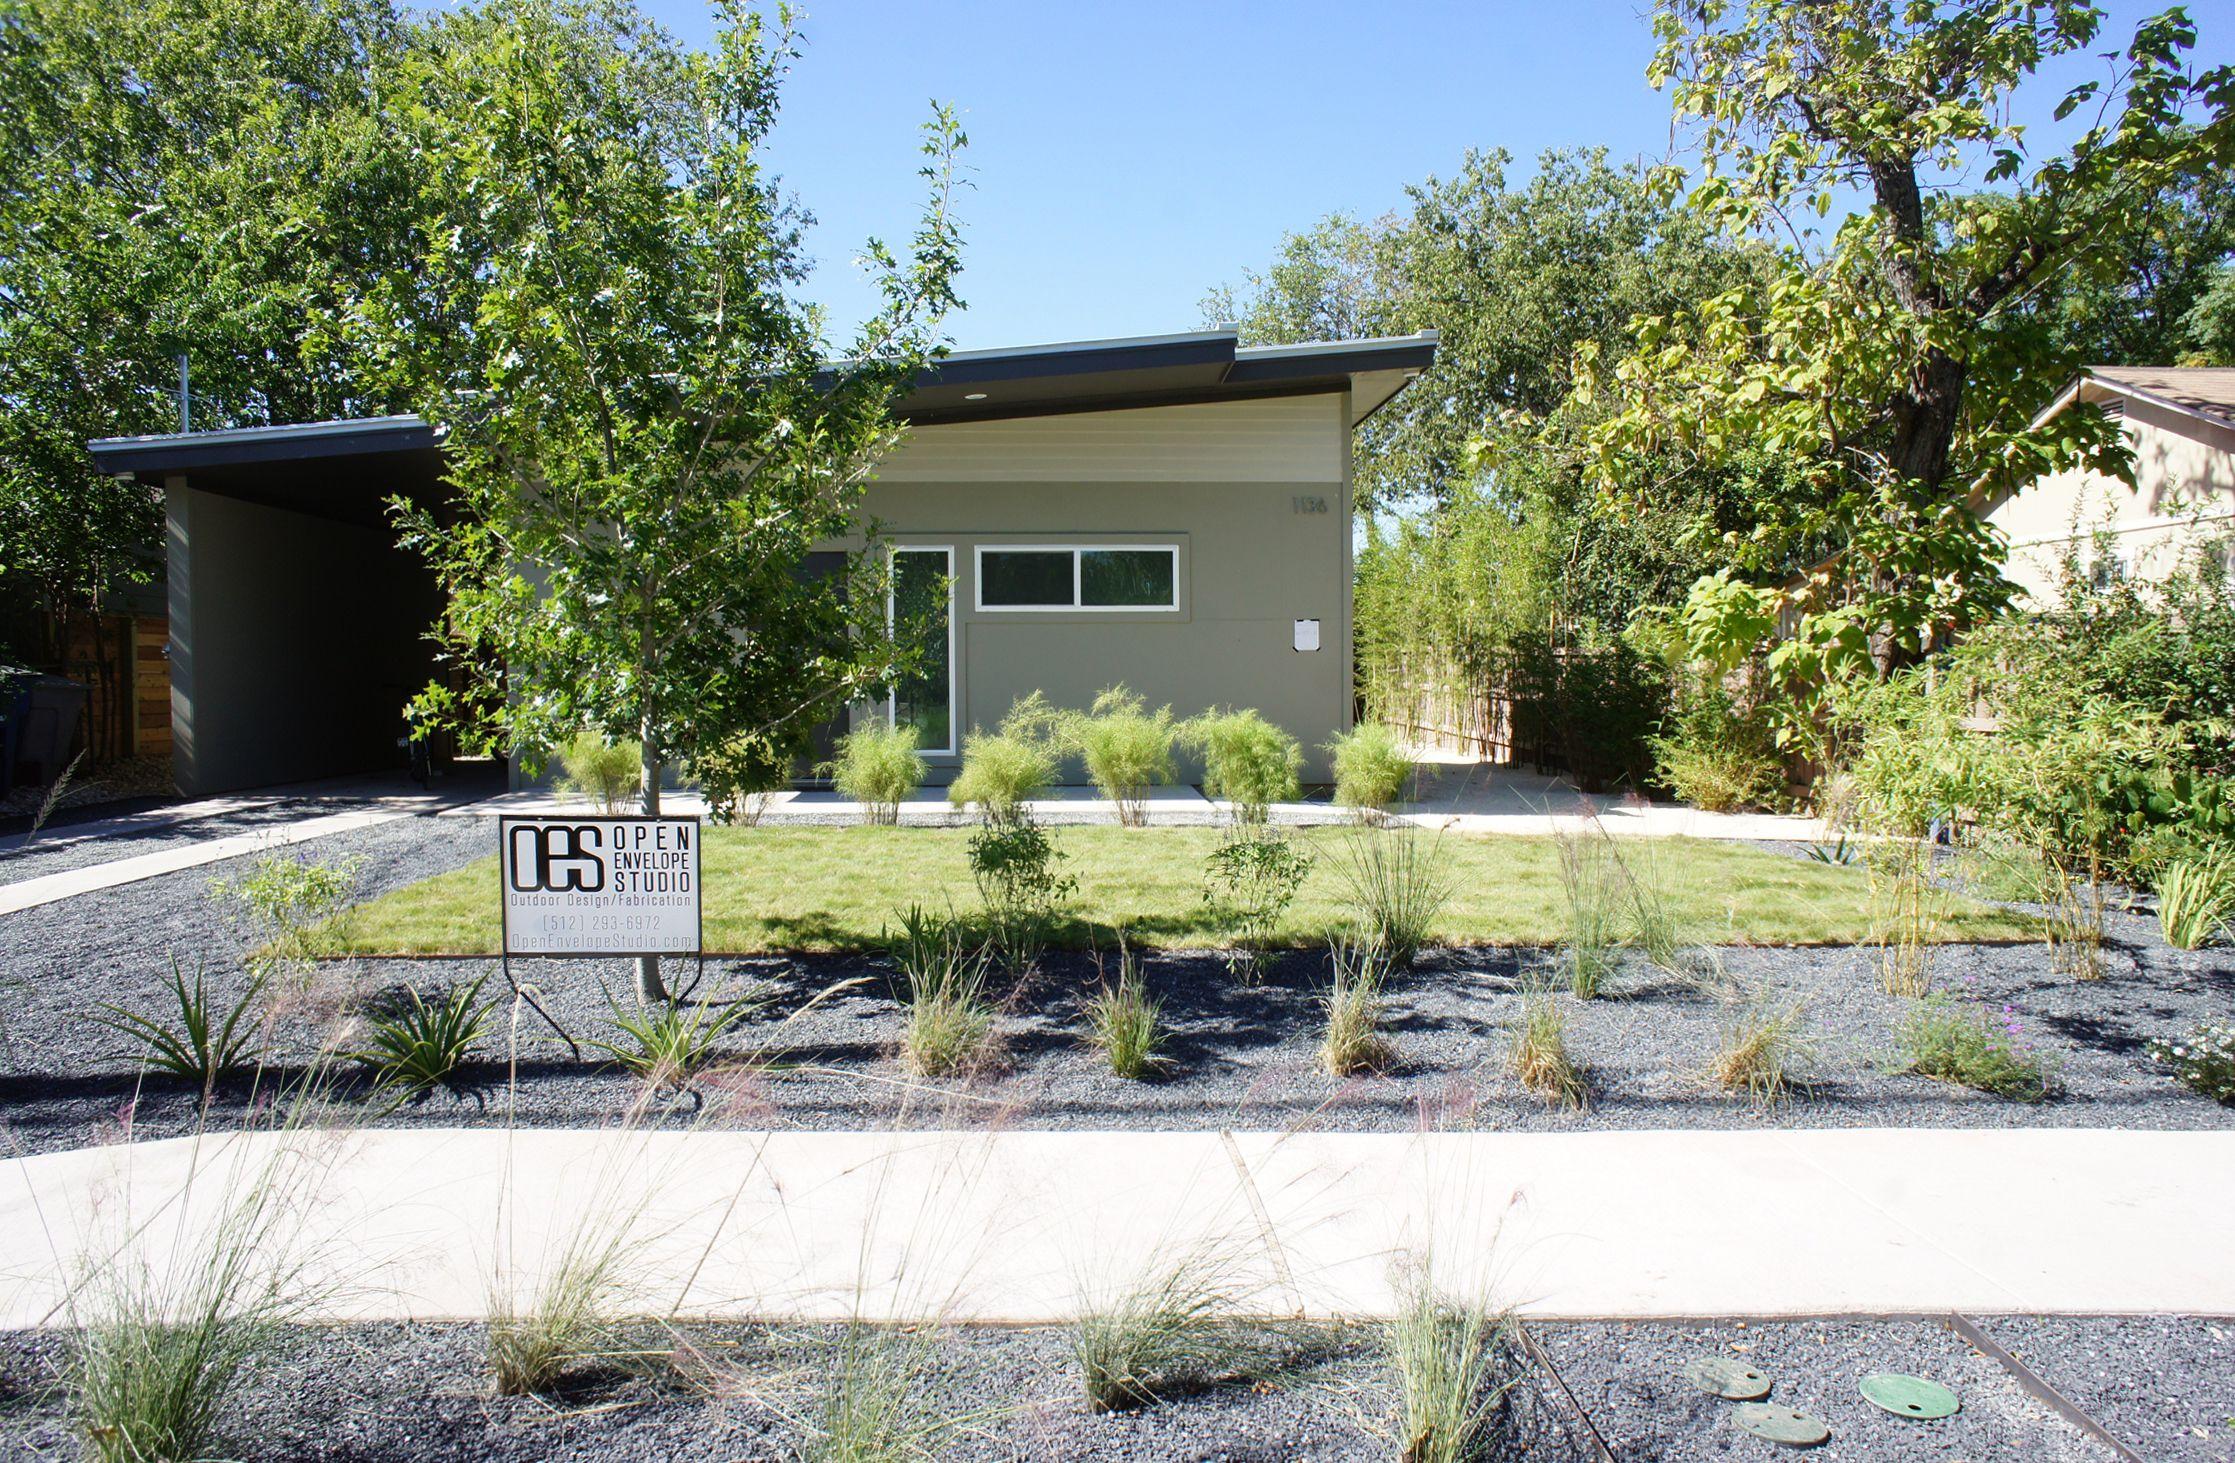 Open Envelope Studio|east Austin modern home | Modern